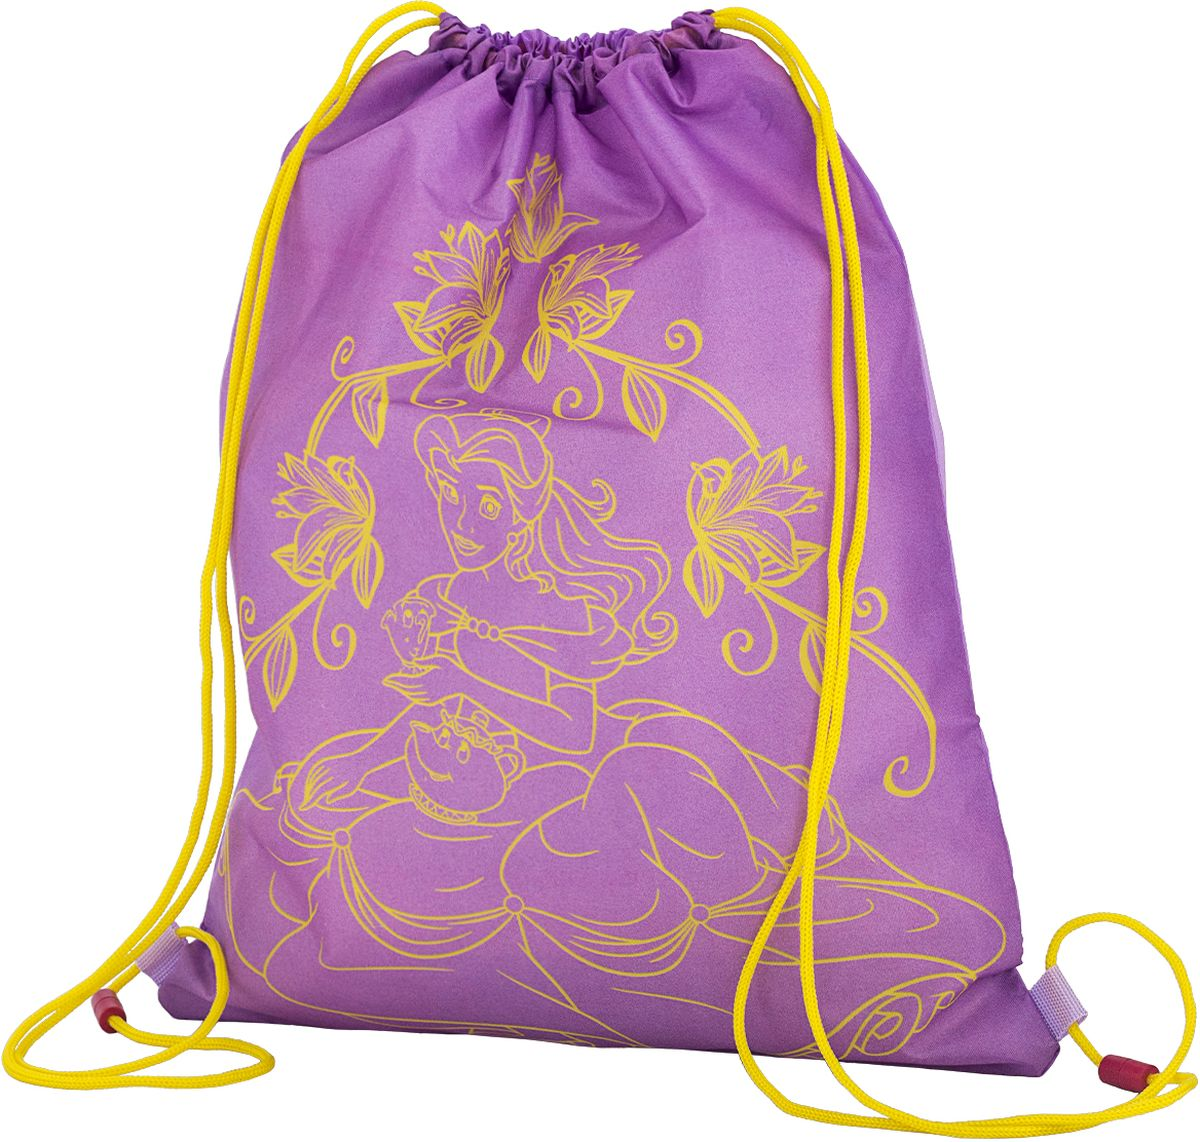 Disney Princess Сумка для сменной обуви БэлльPREB-MT2-883Сумка-мешок для сменной обуви Disney Princess Бэлль станет удобным помощником в школьной и спортивной жизни ребенка, а любимые герои будут долго радовать его. Изделие подойдет как для хранения, так и для переноски сменной обуви и одежды любого размера.Сумка выполнена из прочного водостойкого полиэстера и содержит одно вместительное отделение, затягивающееся с помощью текстильных шнурков. Шнурки фиксируются в нижней части сумки, благодаря чему ее можно носить за спиной как рюкзак.